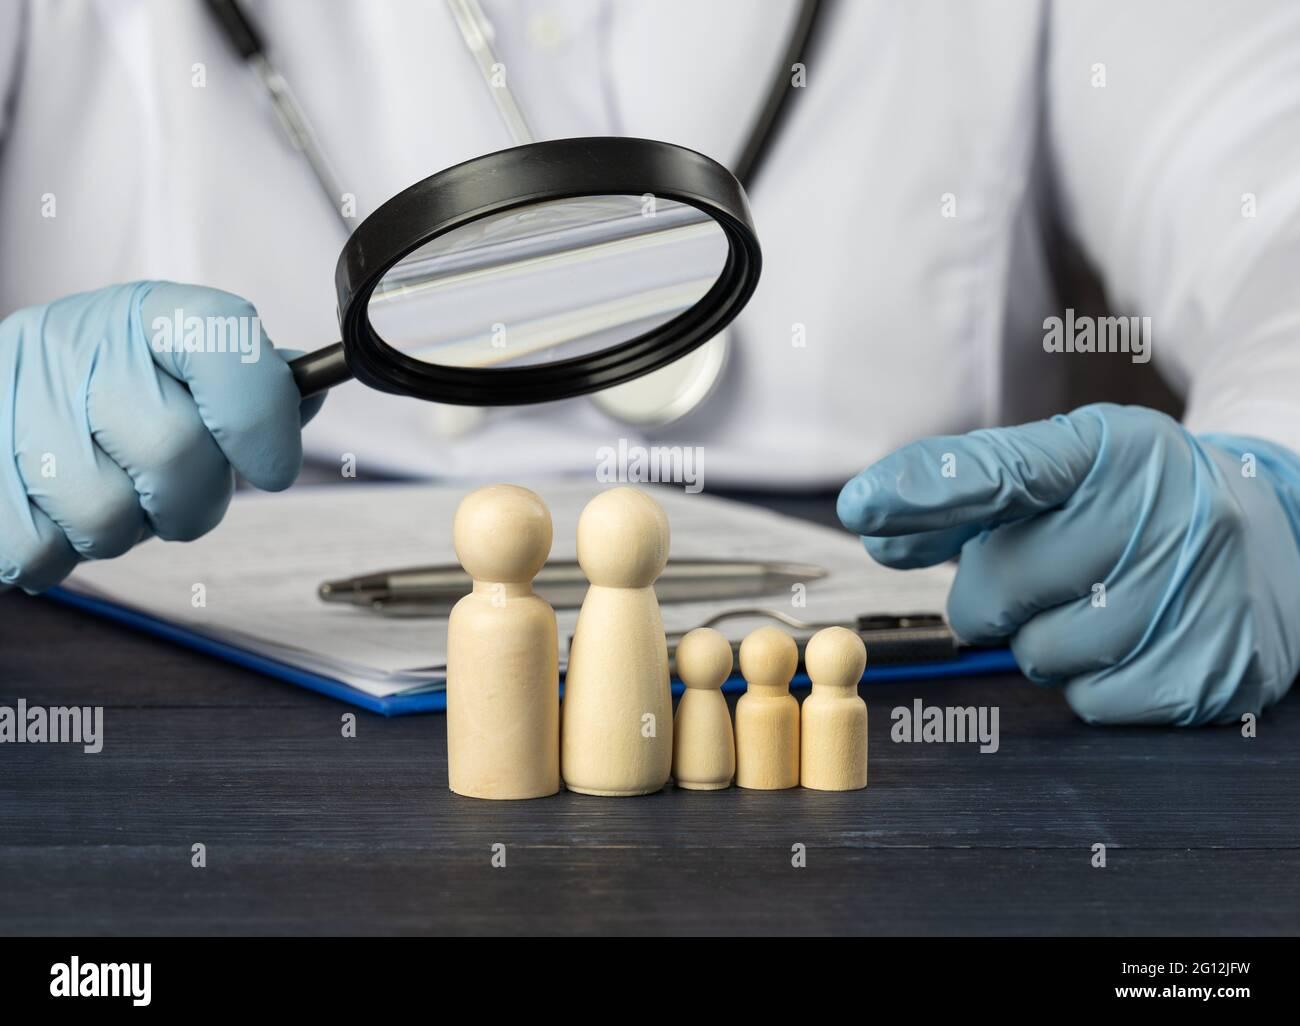 le médecin de famille tient une loupe sur une figurine en bois. Concept de recherche médicale, méthodes de traitement. La nécessité d'une assurance médicale. Banque D'Images